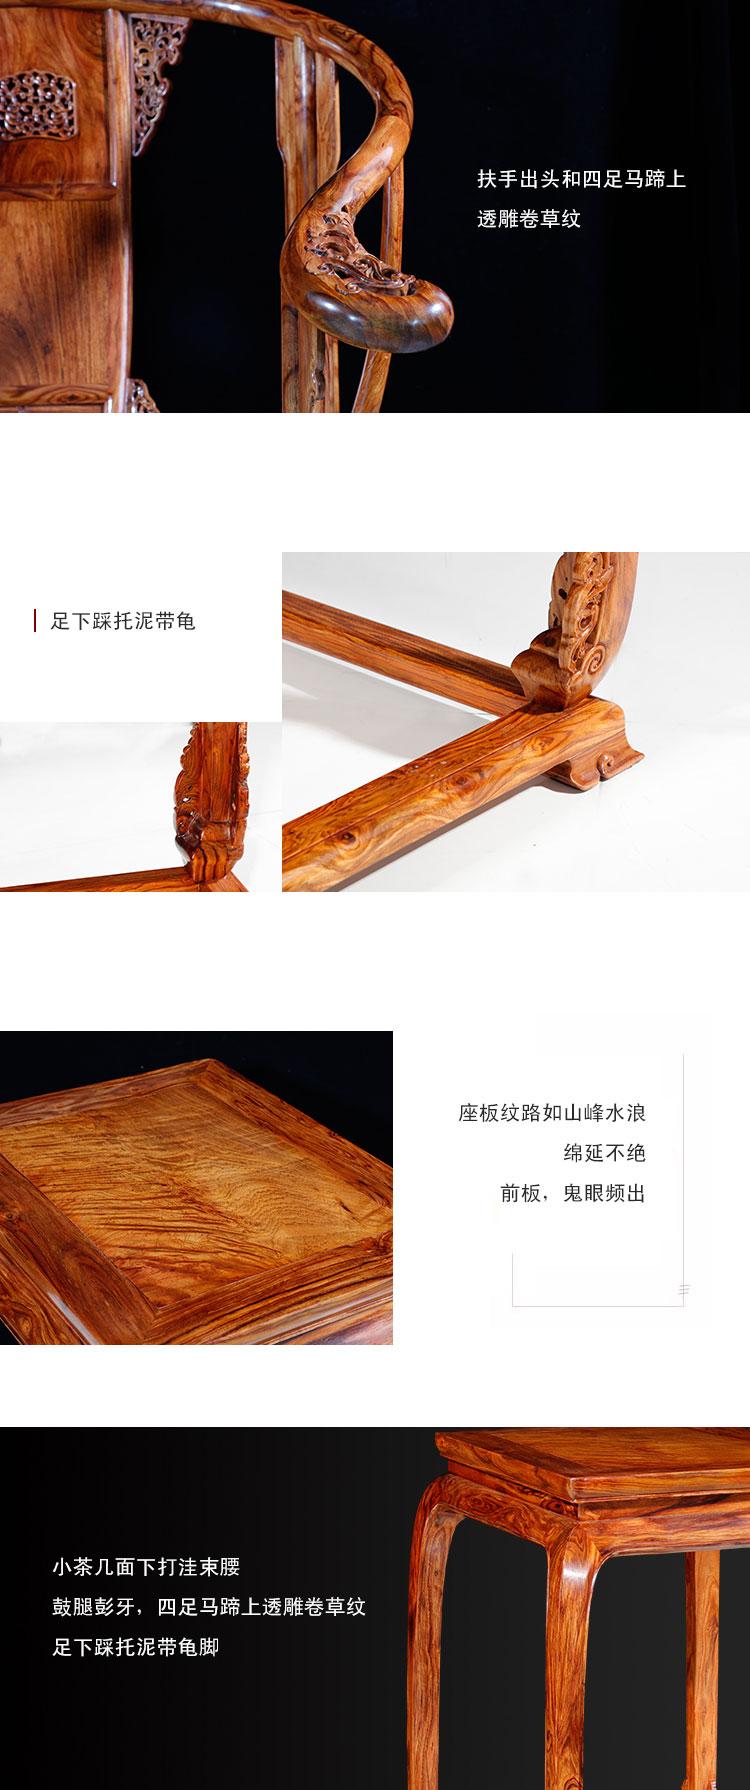 御乾堂越南黄花梨皇宫椅三件套-2.jpg